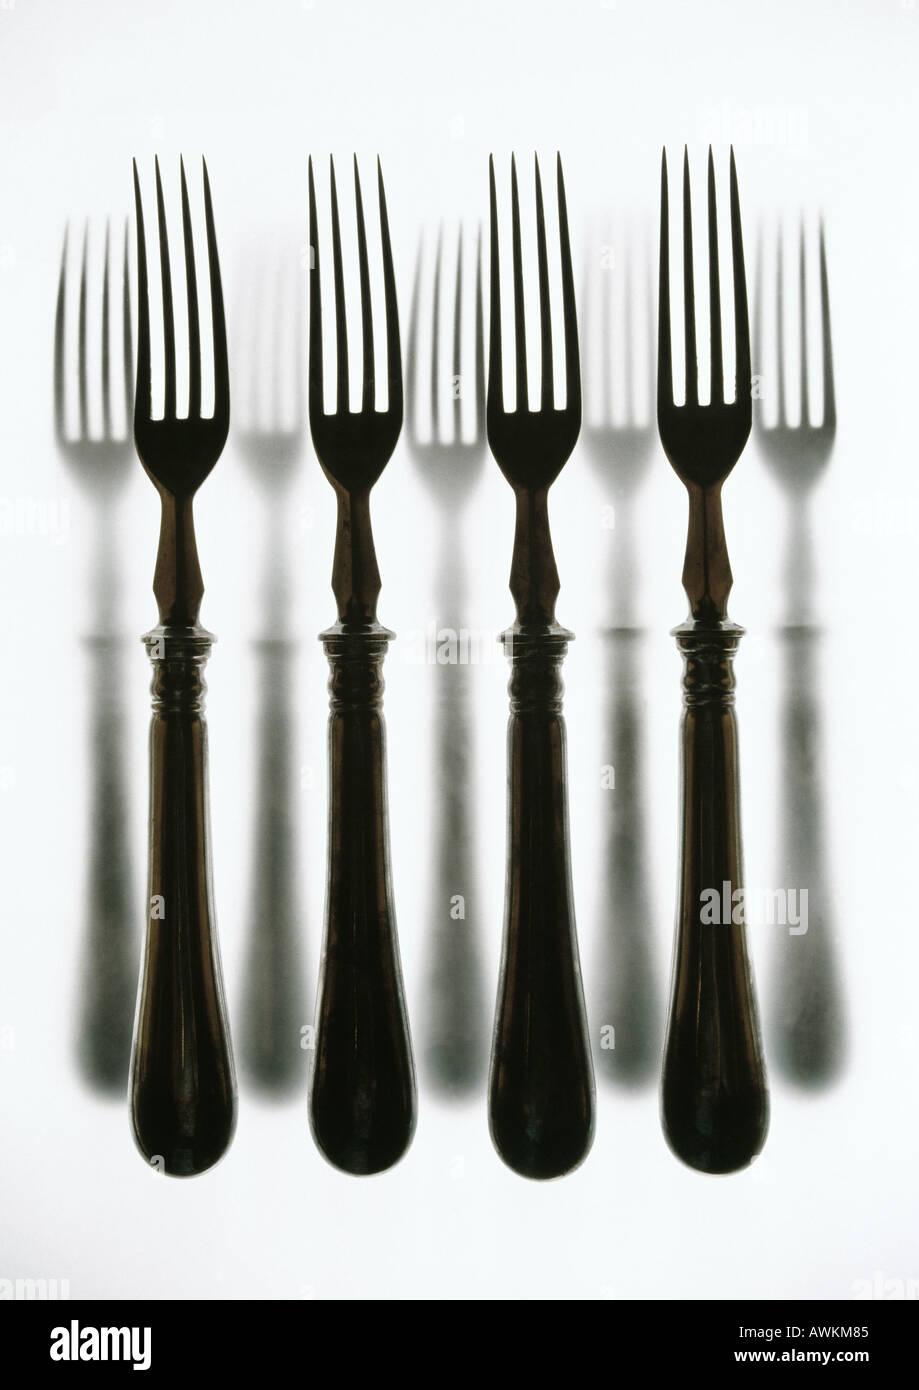 Forks - Stock Image